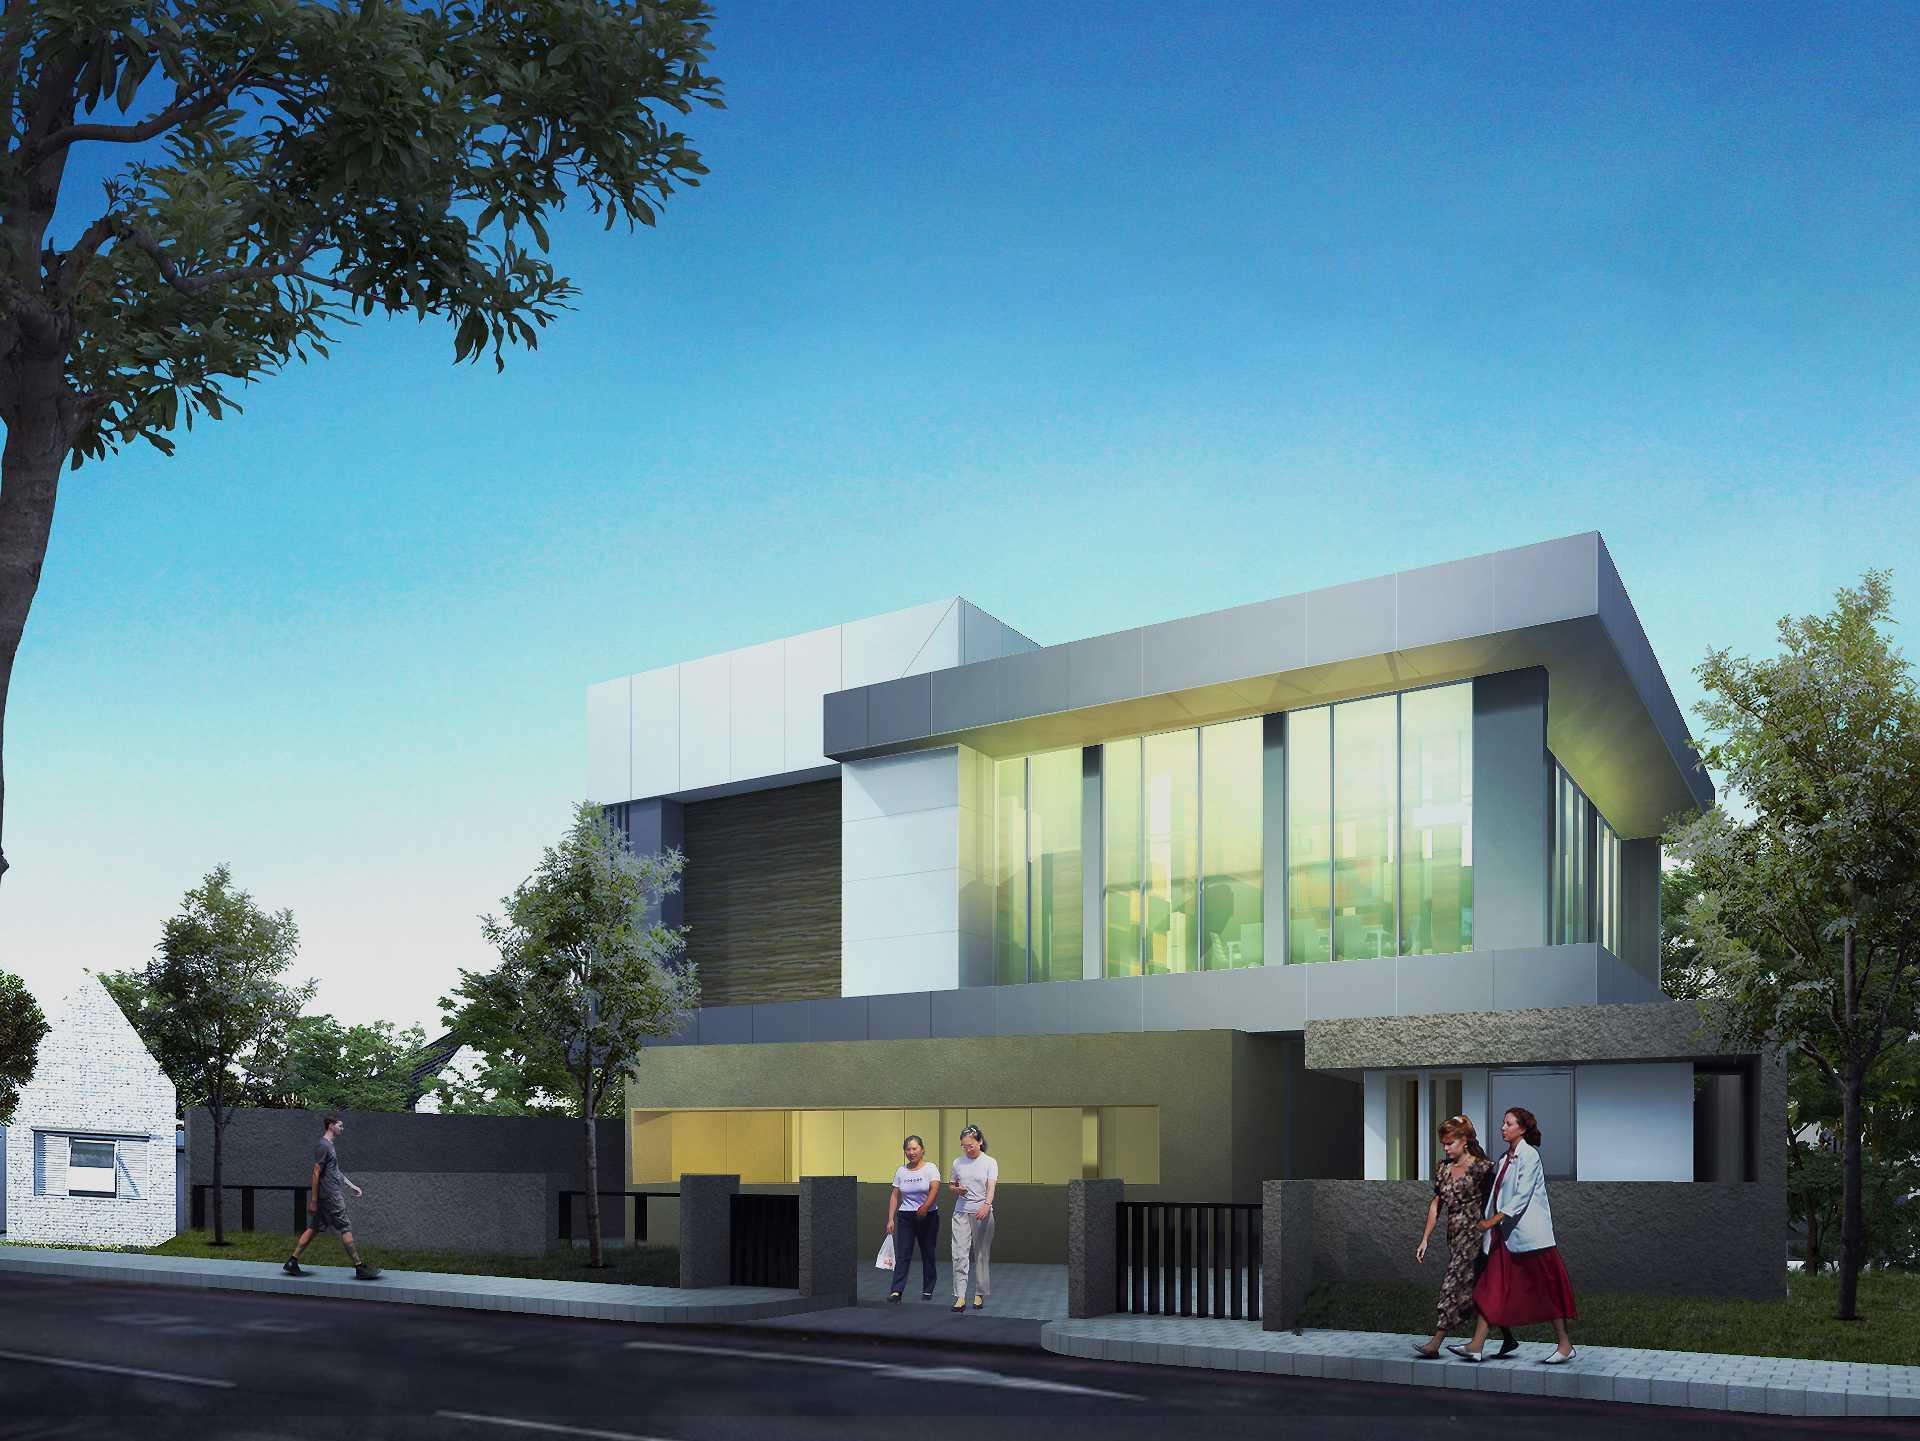 Gubah Ruang Nt Shop House Pekanbaru, Kota Pekanbaru, Riau, Indonesia Pekanbaru, Kota Pekanbaru, Riau, Indonesia Exterior View Contemporary  50871